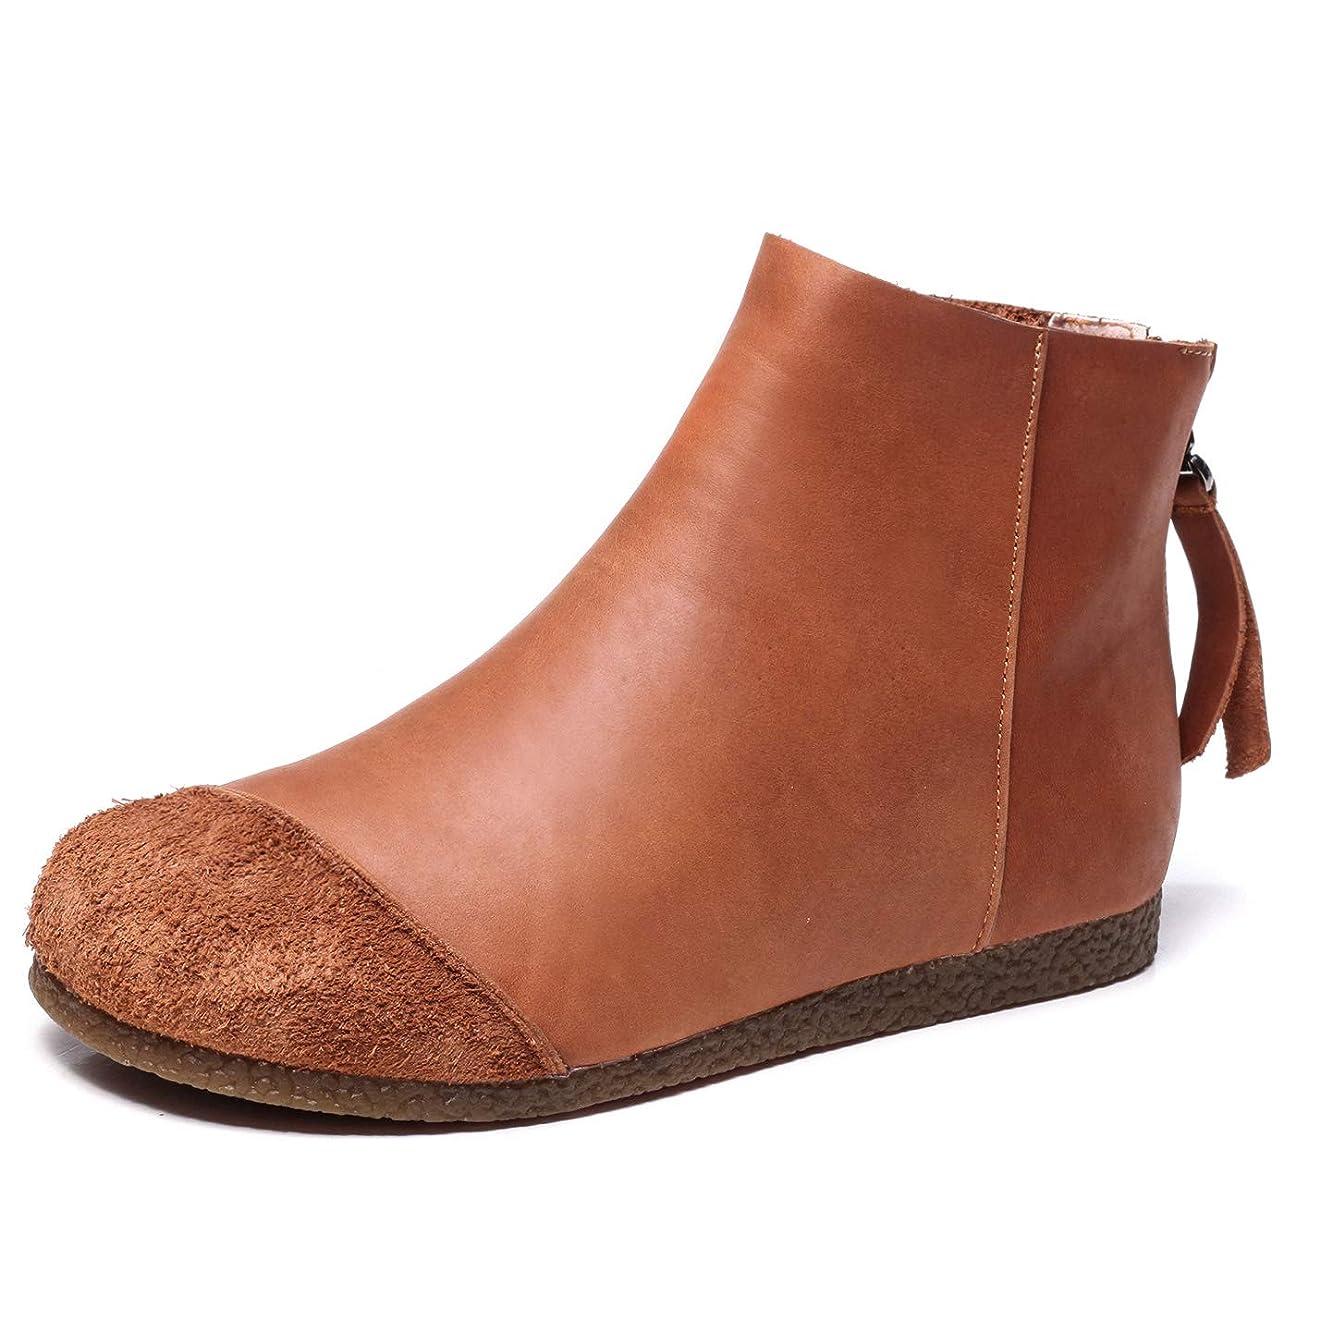 曖昧な手書き性能[Maysky] ブーツ 超軽量 切り替え バックジッパー プラットフォーム ラウンドトゥ 柔らかい 歩きやすい 仕事 通勤 お出かけ 旅行 アウトドア 本皮 ウォーキングシューズ カジュアルシューズ レディース